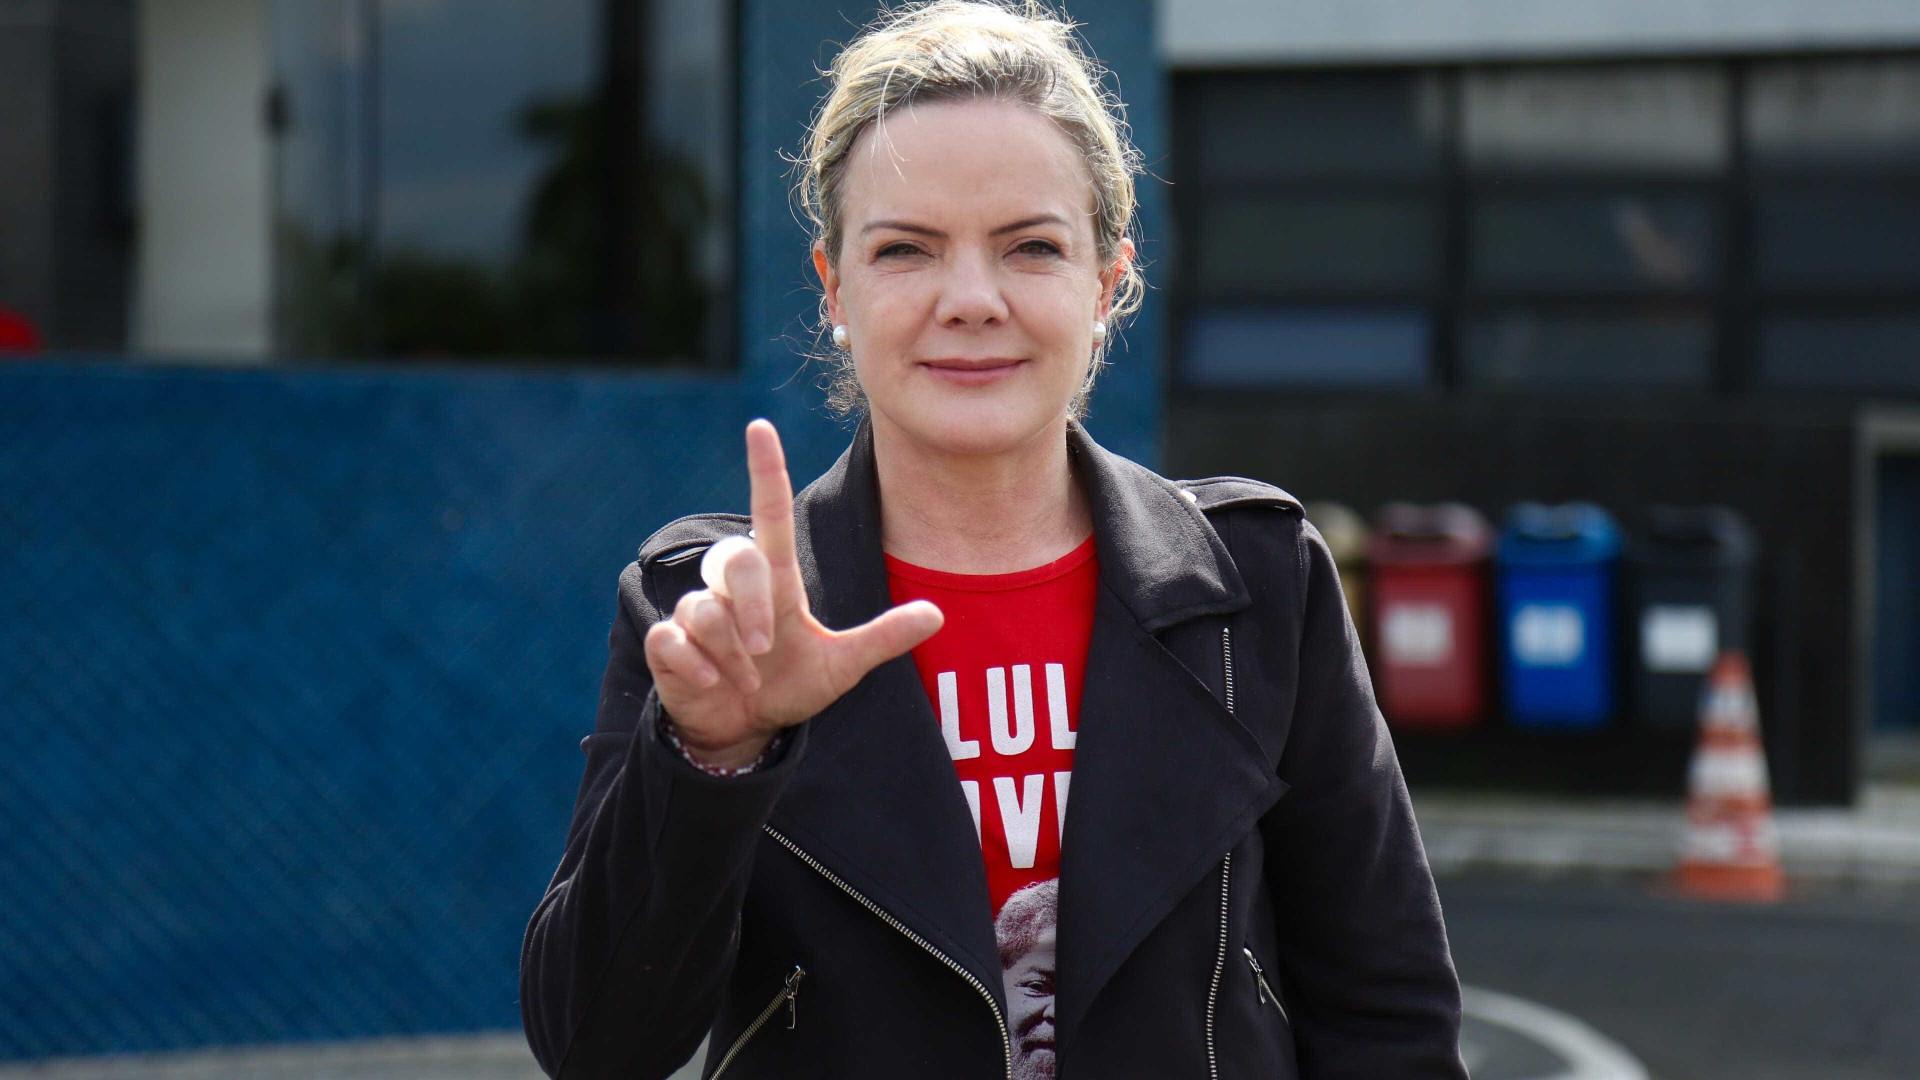 PT faz 'alerta à sociedade' por vida de Lula: 'Tememos', diz Gleisi